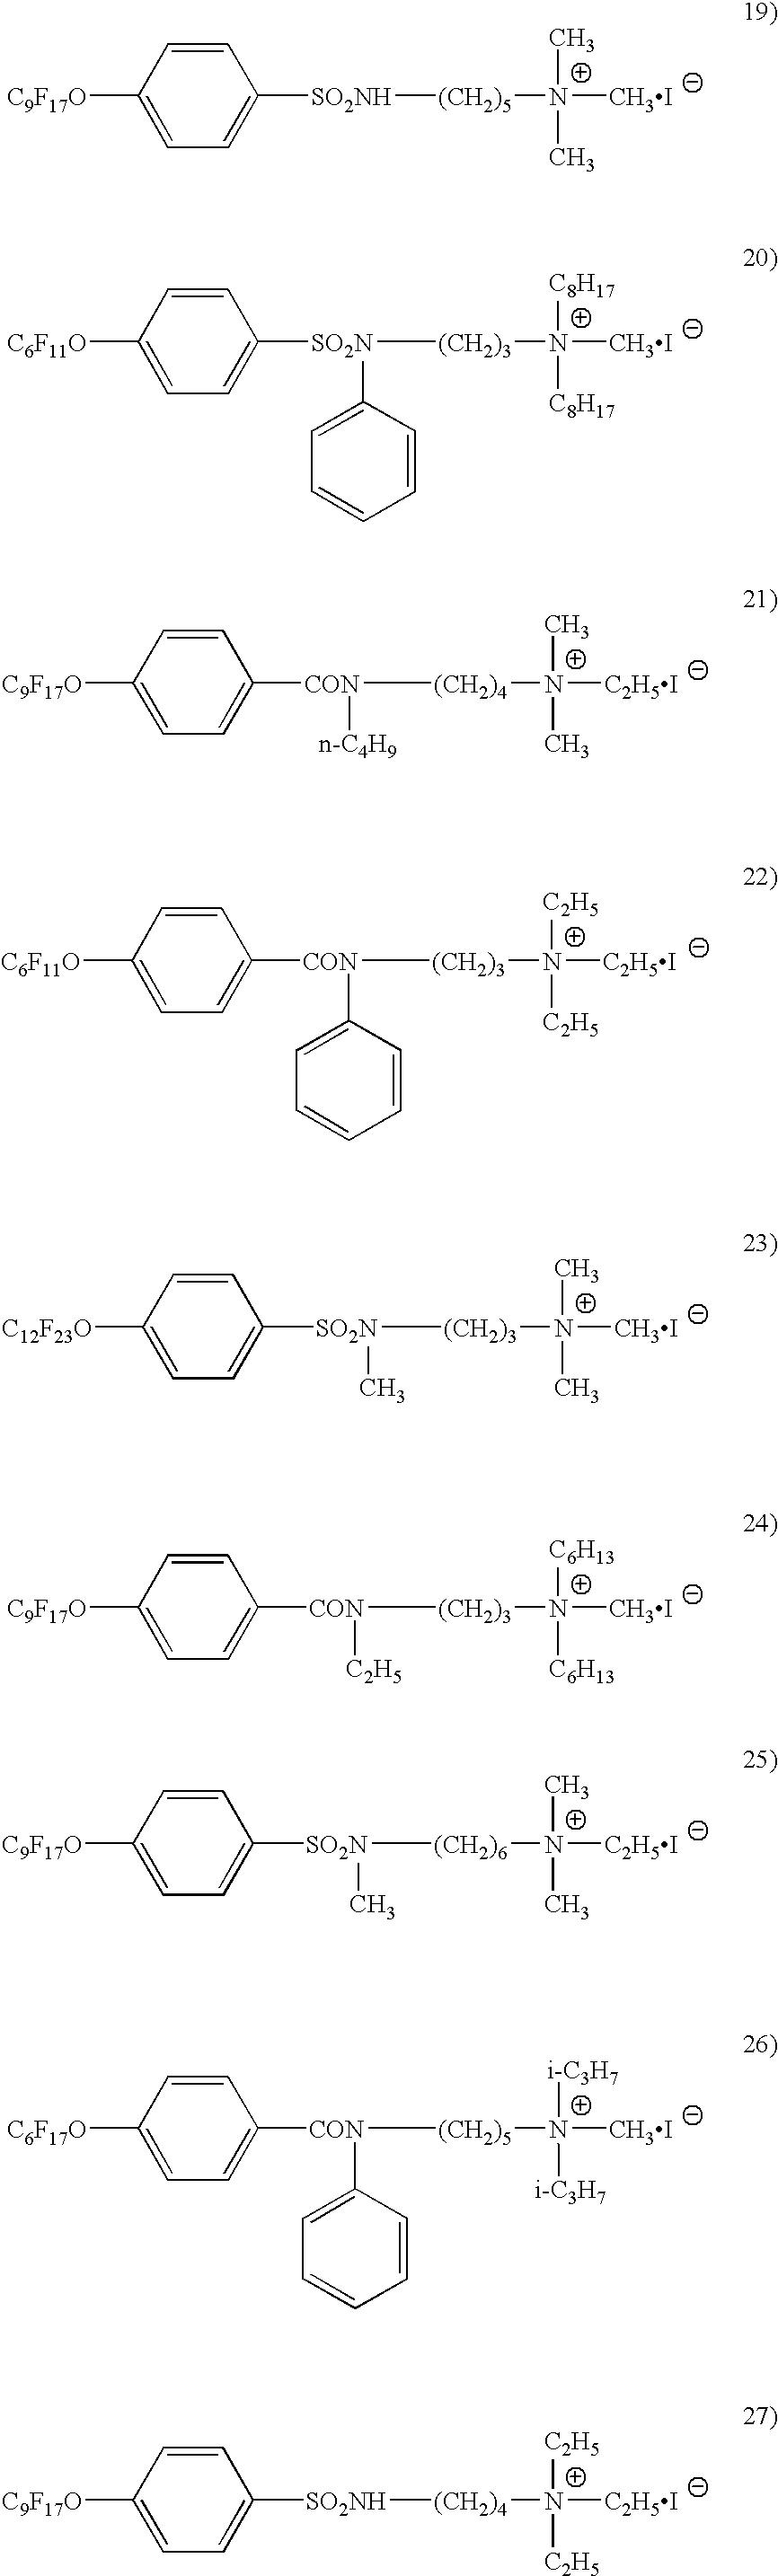 Figure US20050003288A1-20050106-C00005